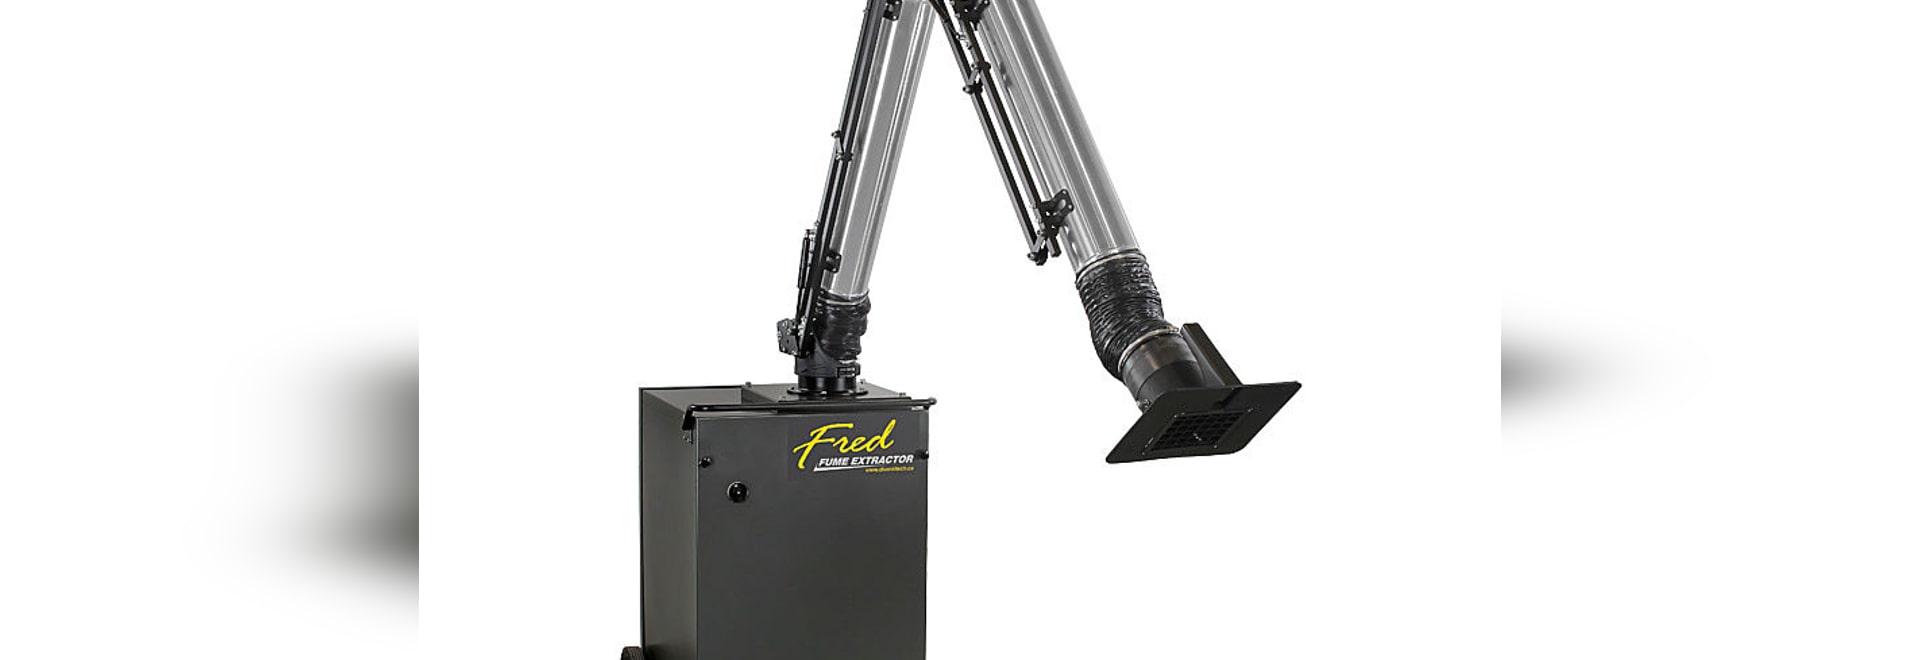 Extractor portable del humo de soldadura de Fred JR: Un funcionamiento mejor en un costo más bajo